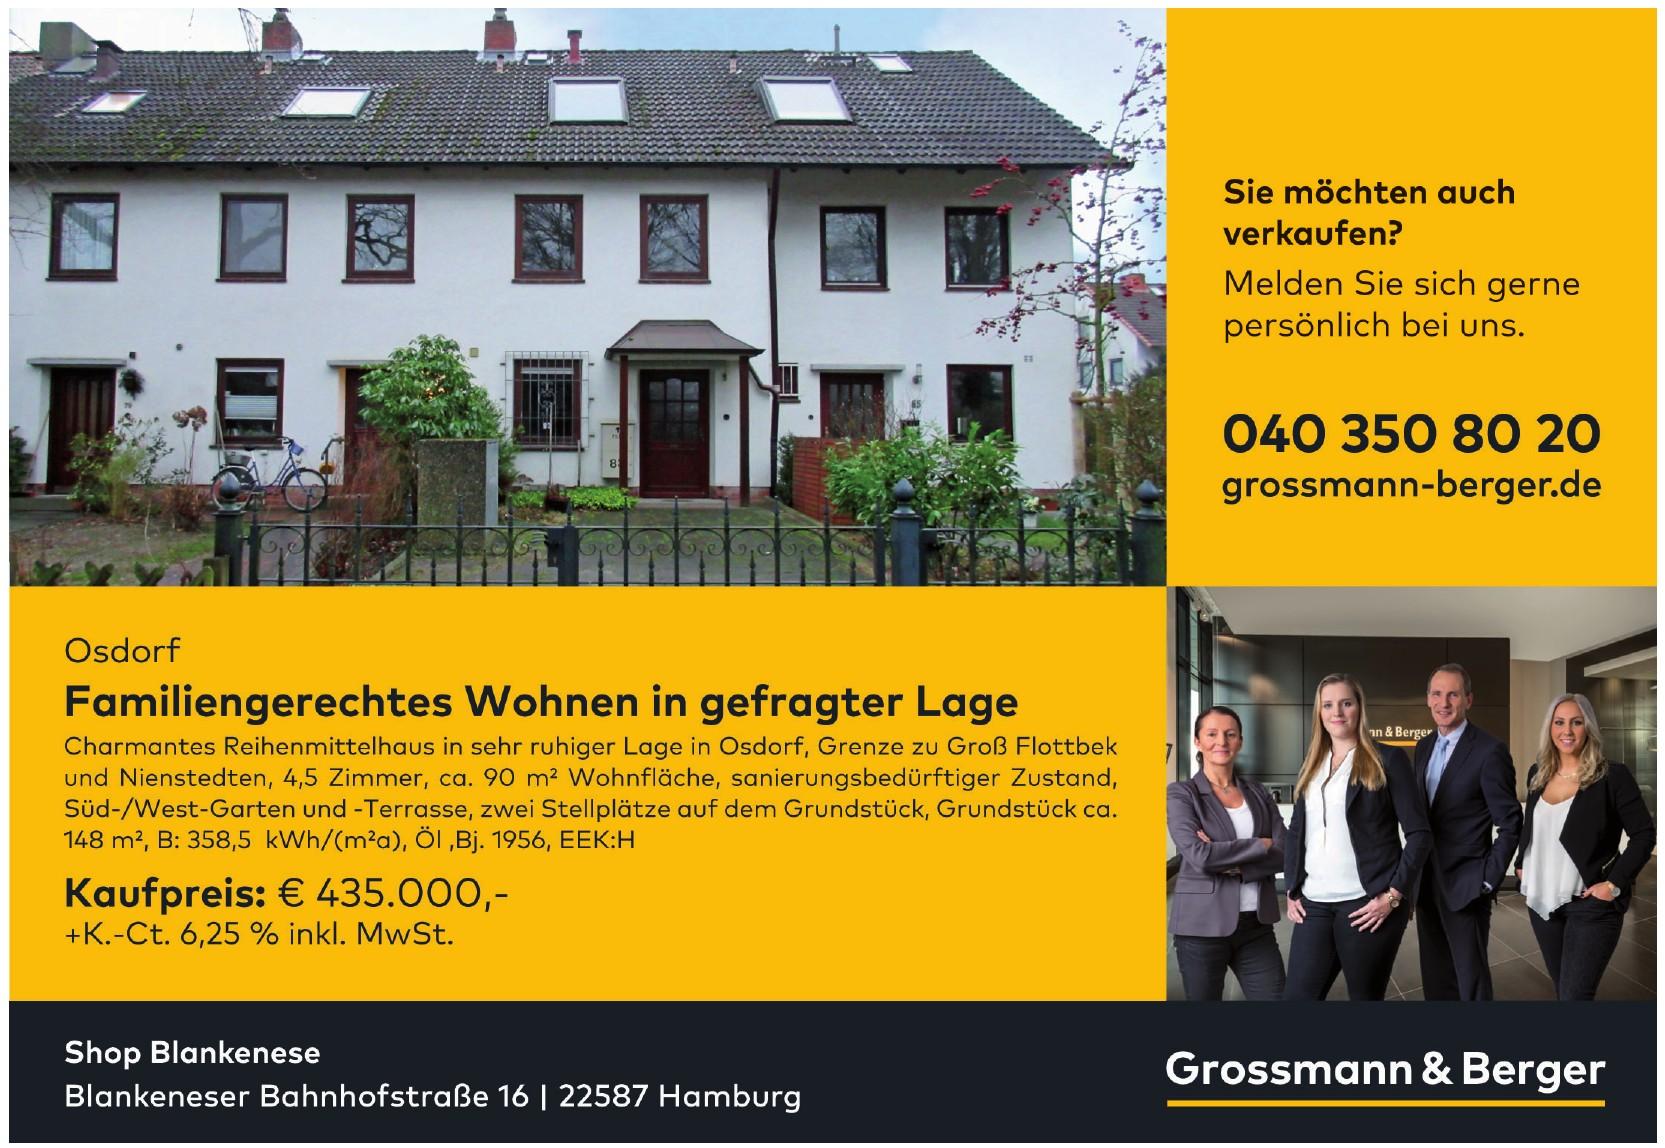 Grossmann & Berger